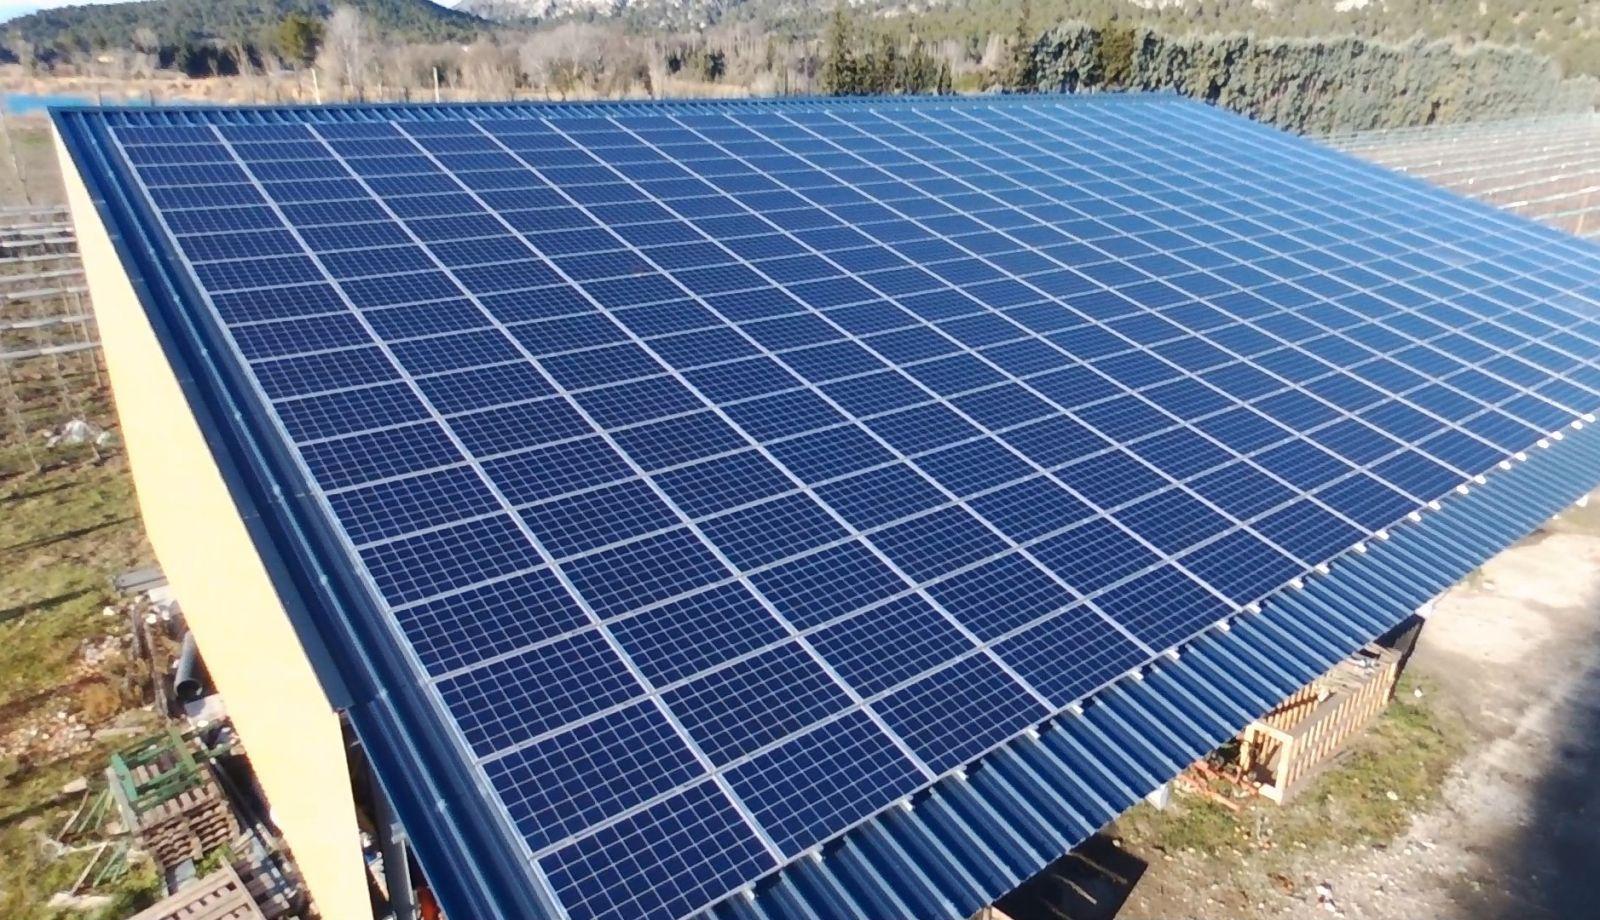 R alisation d 39 un batiment avec toiture photovolta que - Hangar gratuit avec toiture photovoltaique ...